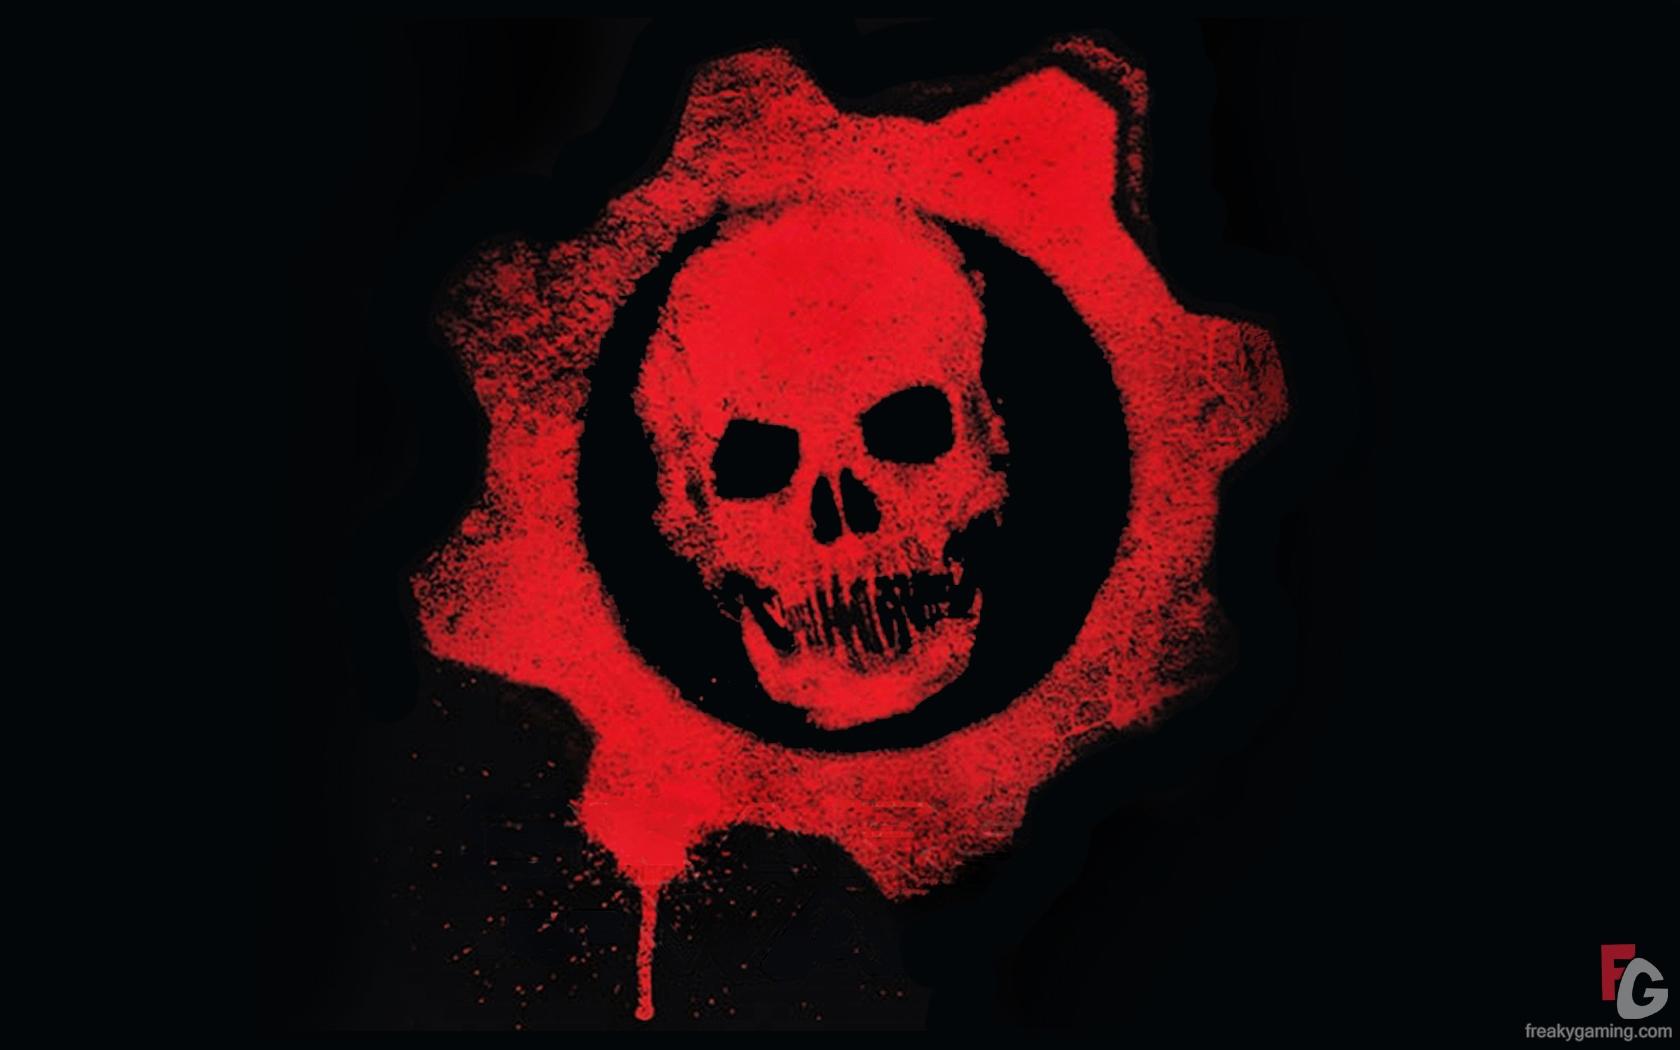 Skull Logo Gears Of War Free Images At Clker Vector Clip Art